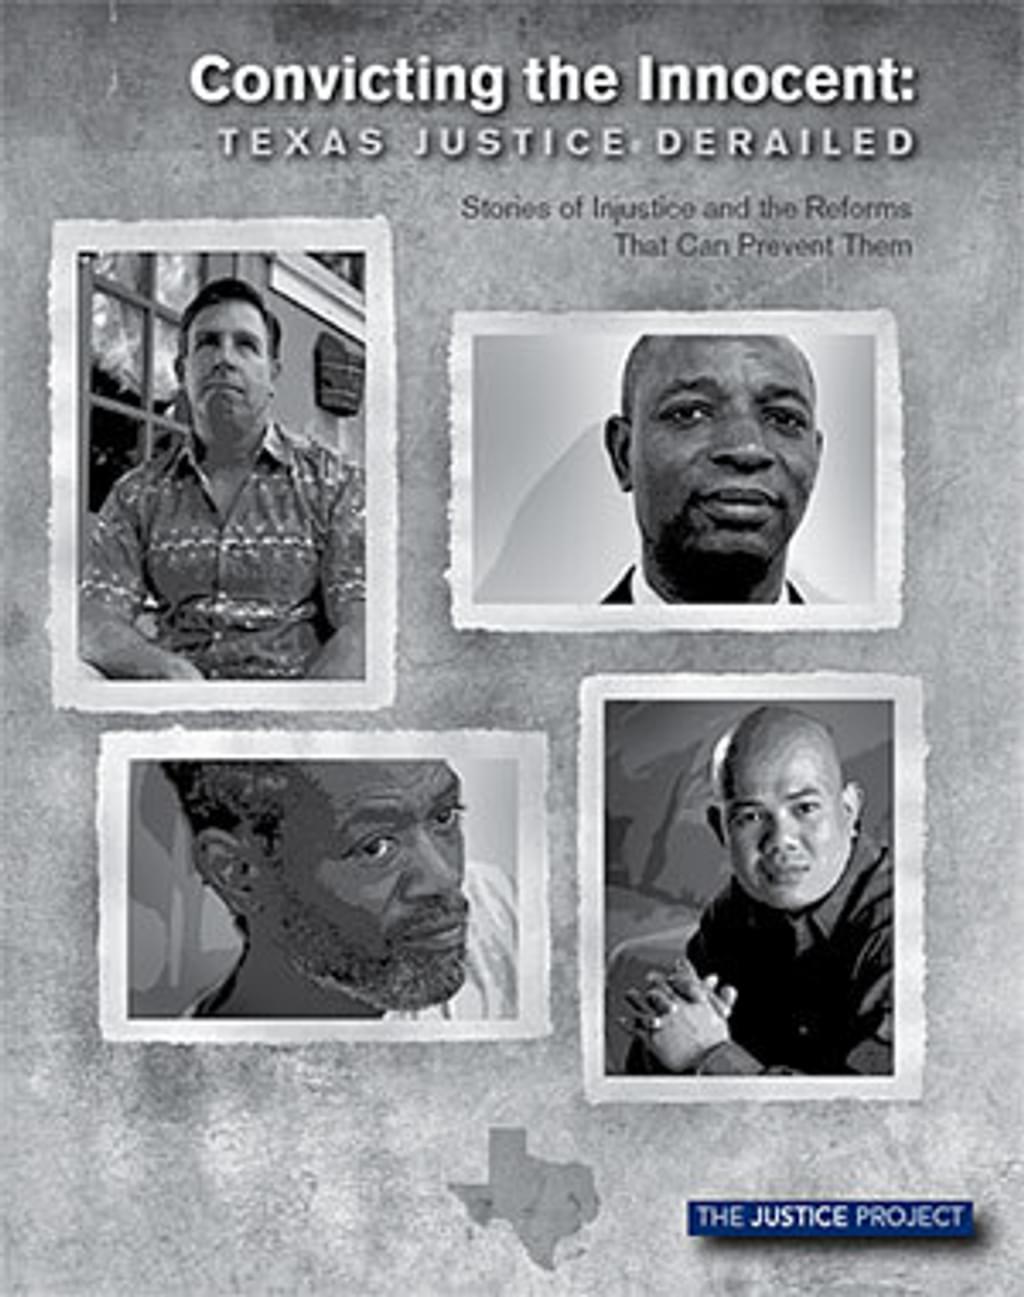 STUDIES: Factors in Wrongful Convictions in Texas